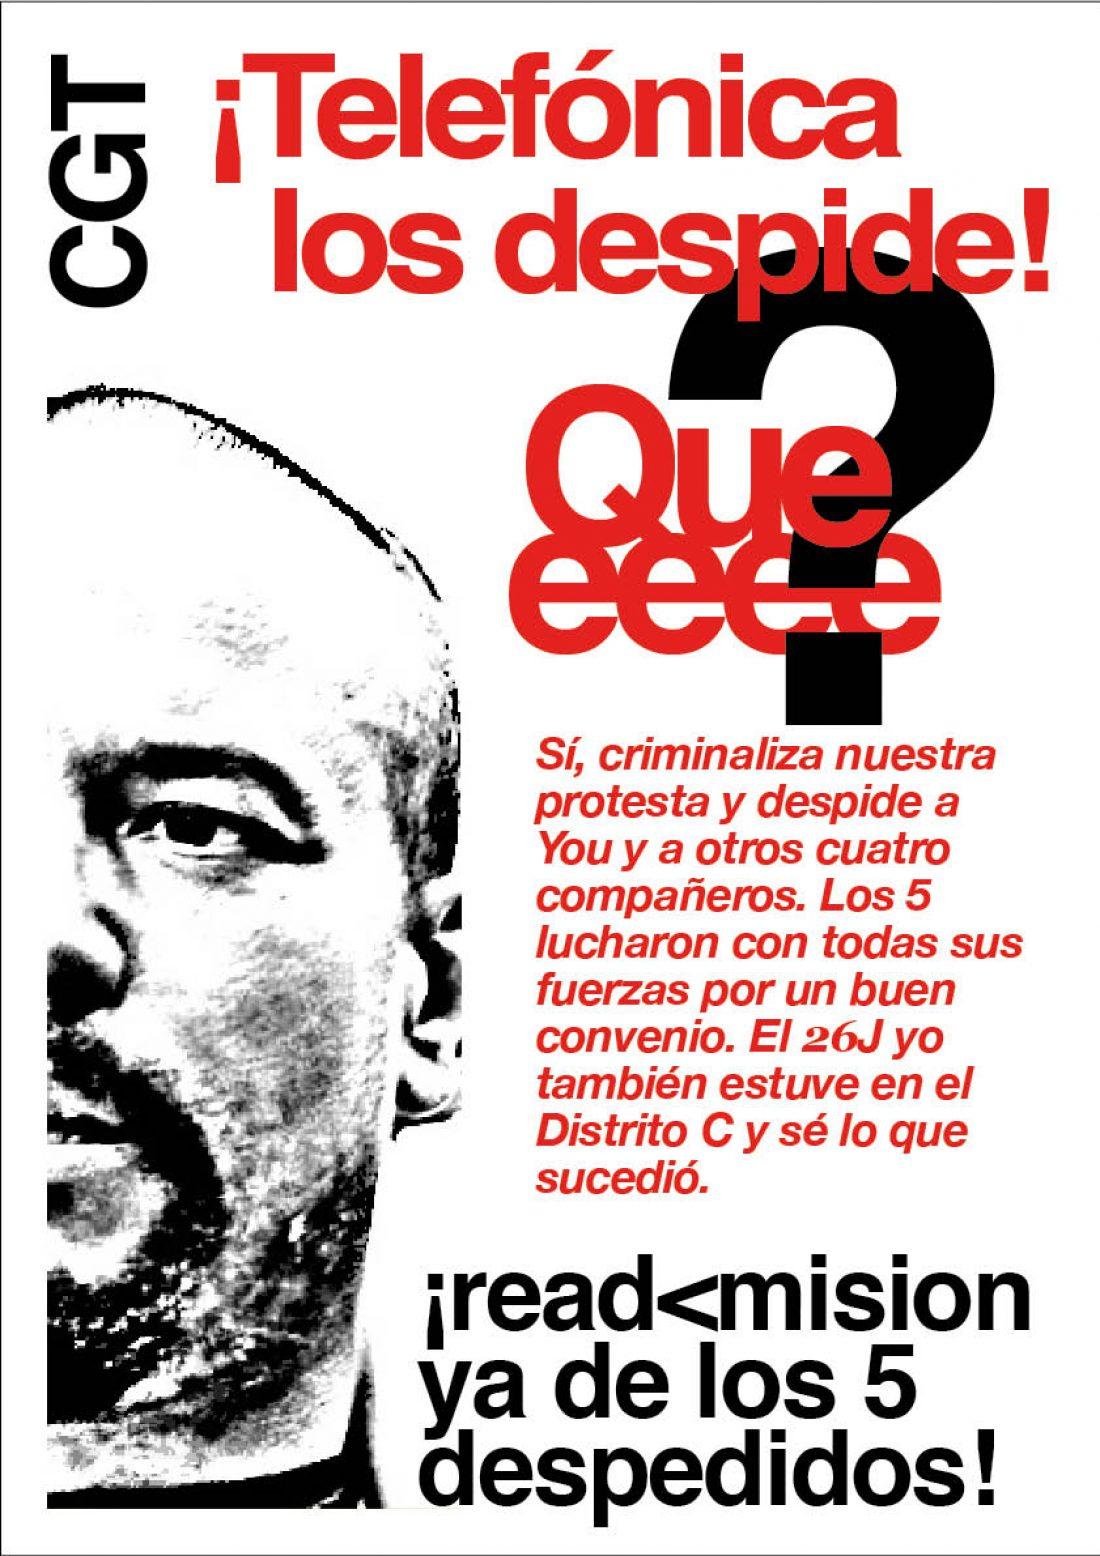 Represión sindical en Telefónica (28/8/08)